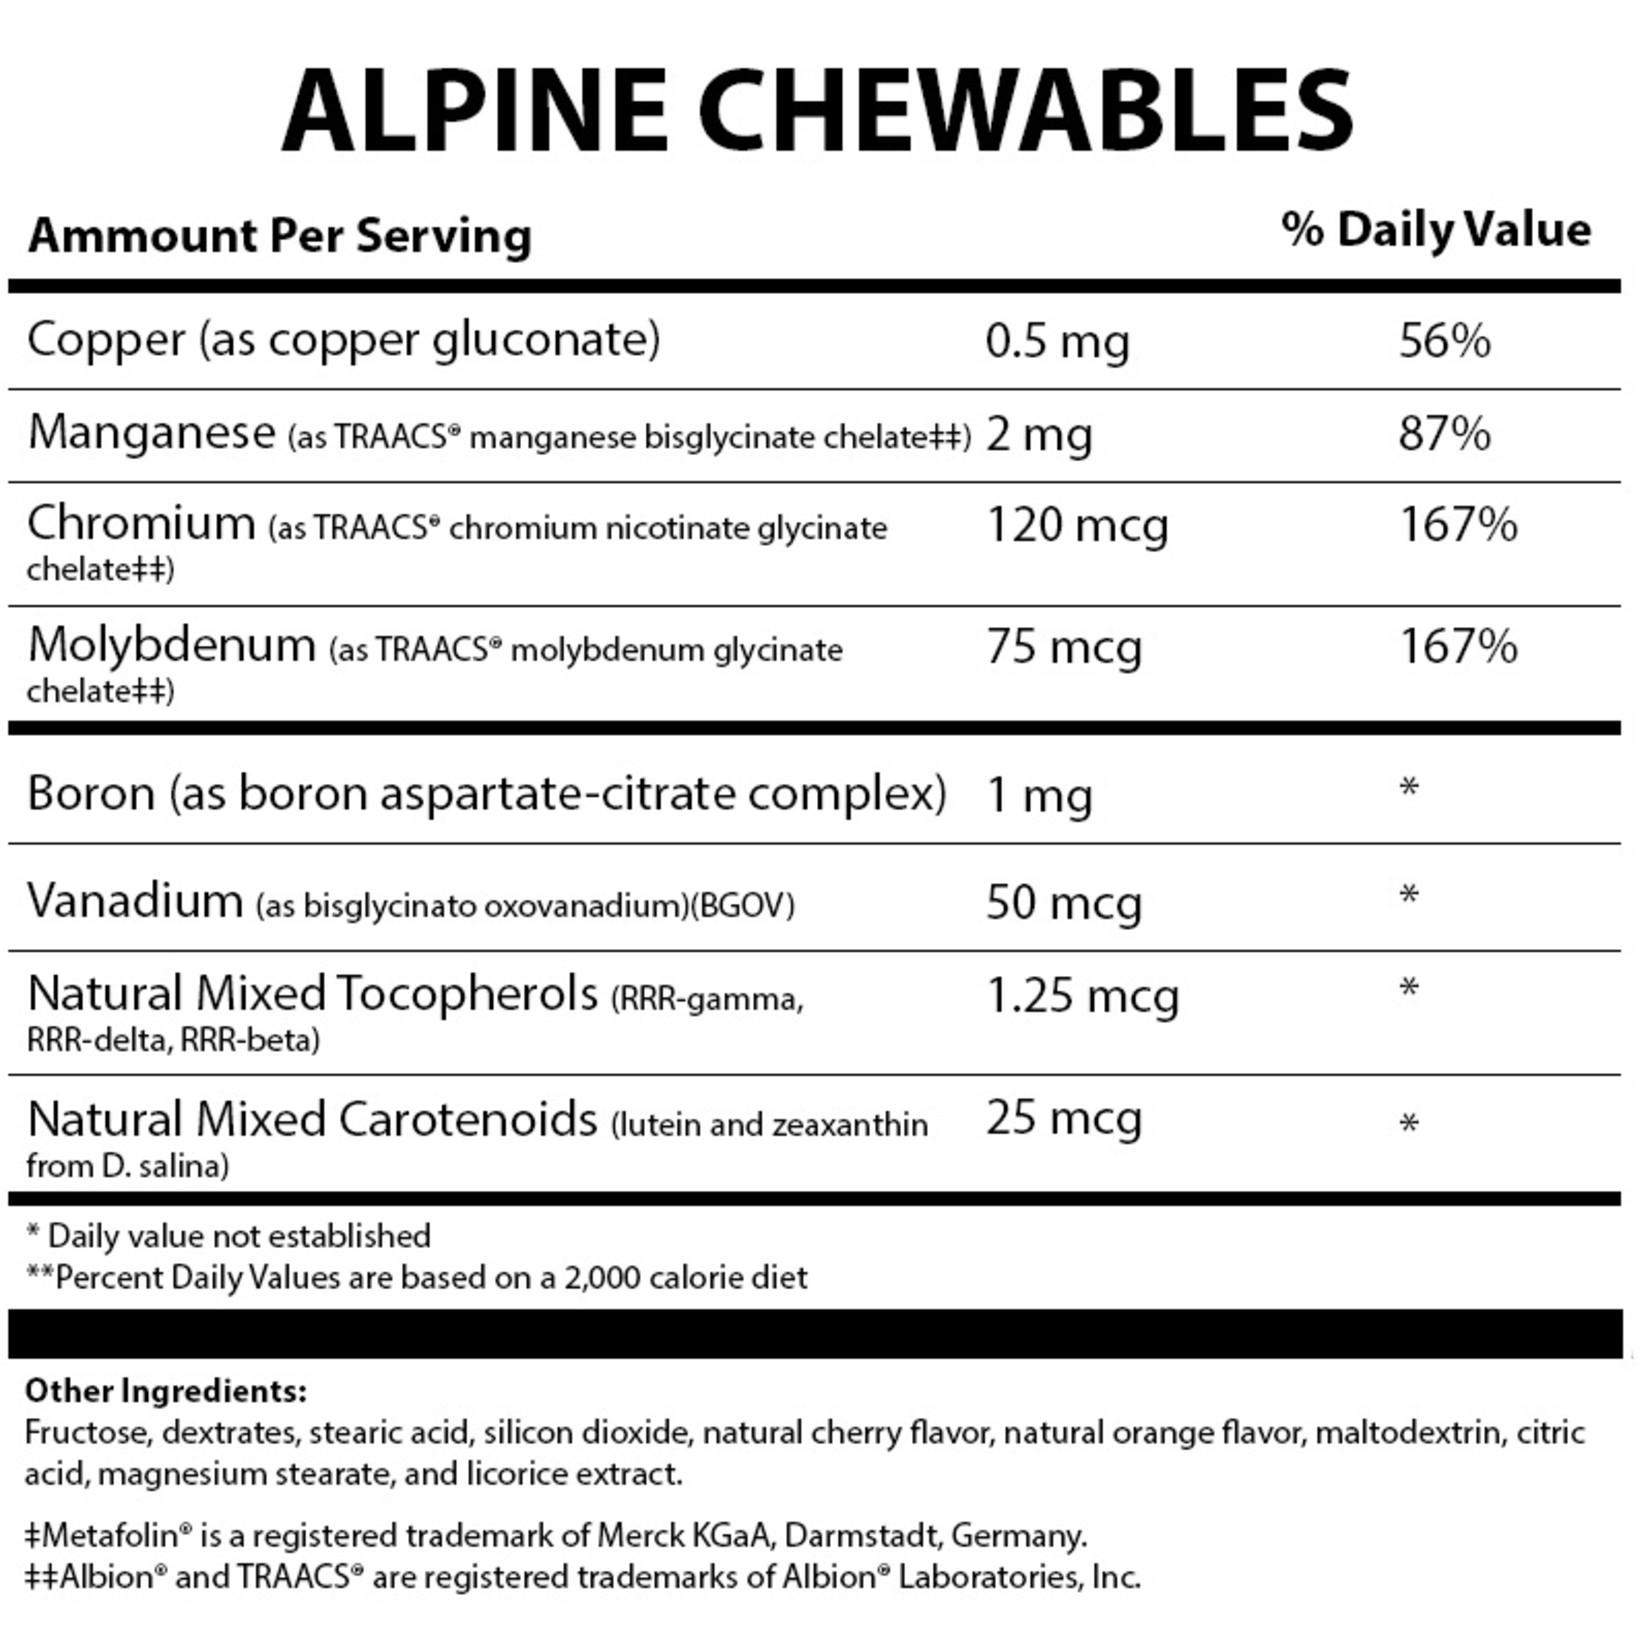 Alpine Clinic Private Label Alpine Chewables